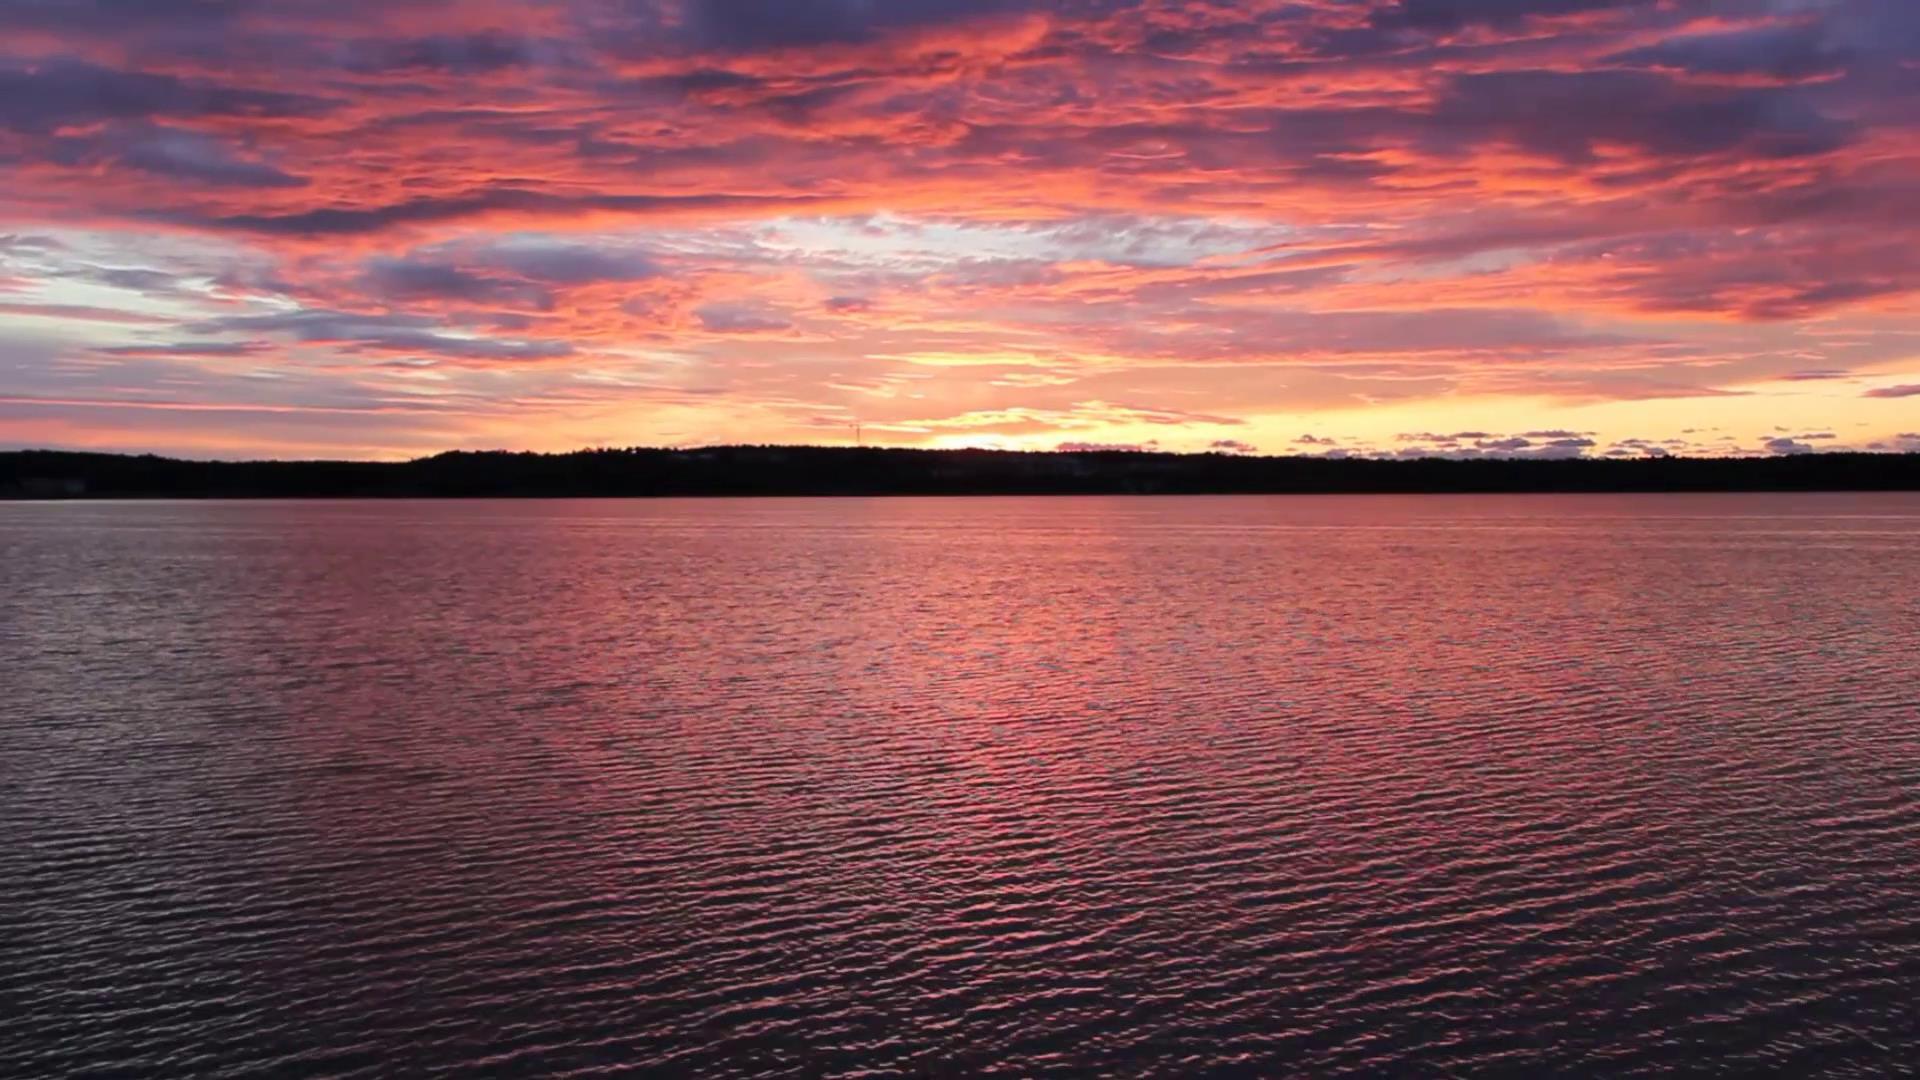 黎明时分海湾水光粼粼美丽风景高清实拍